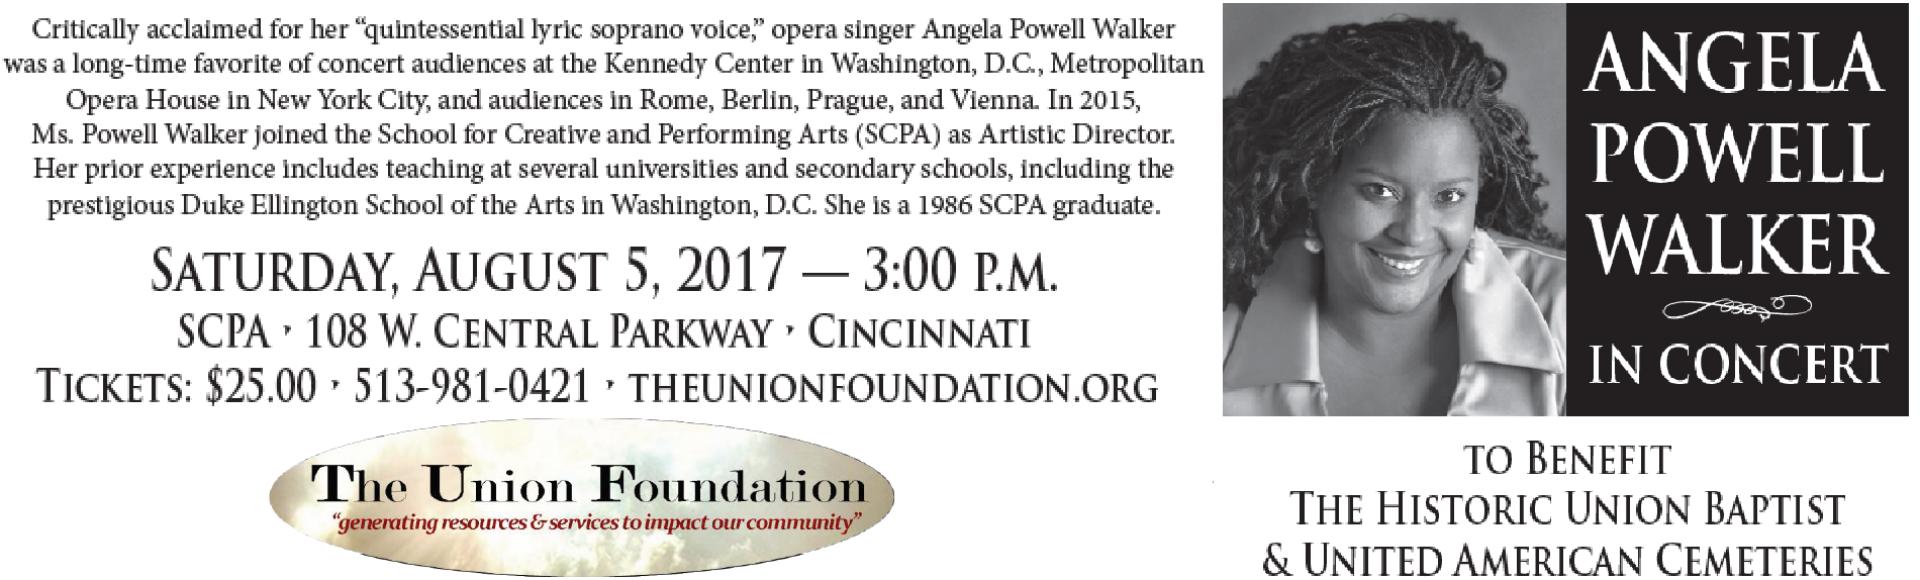 Union Foundation Concert